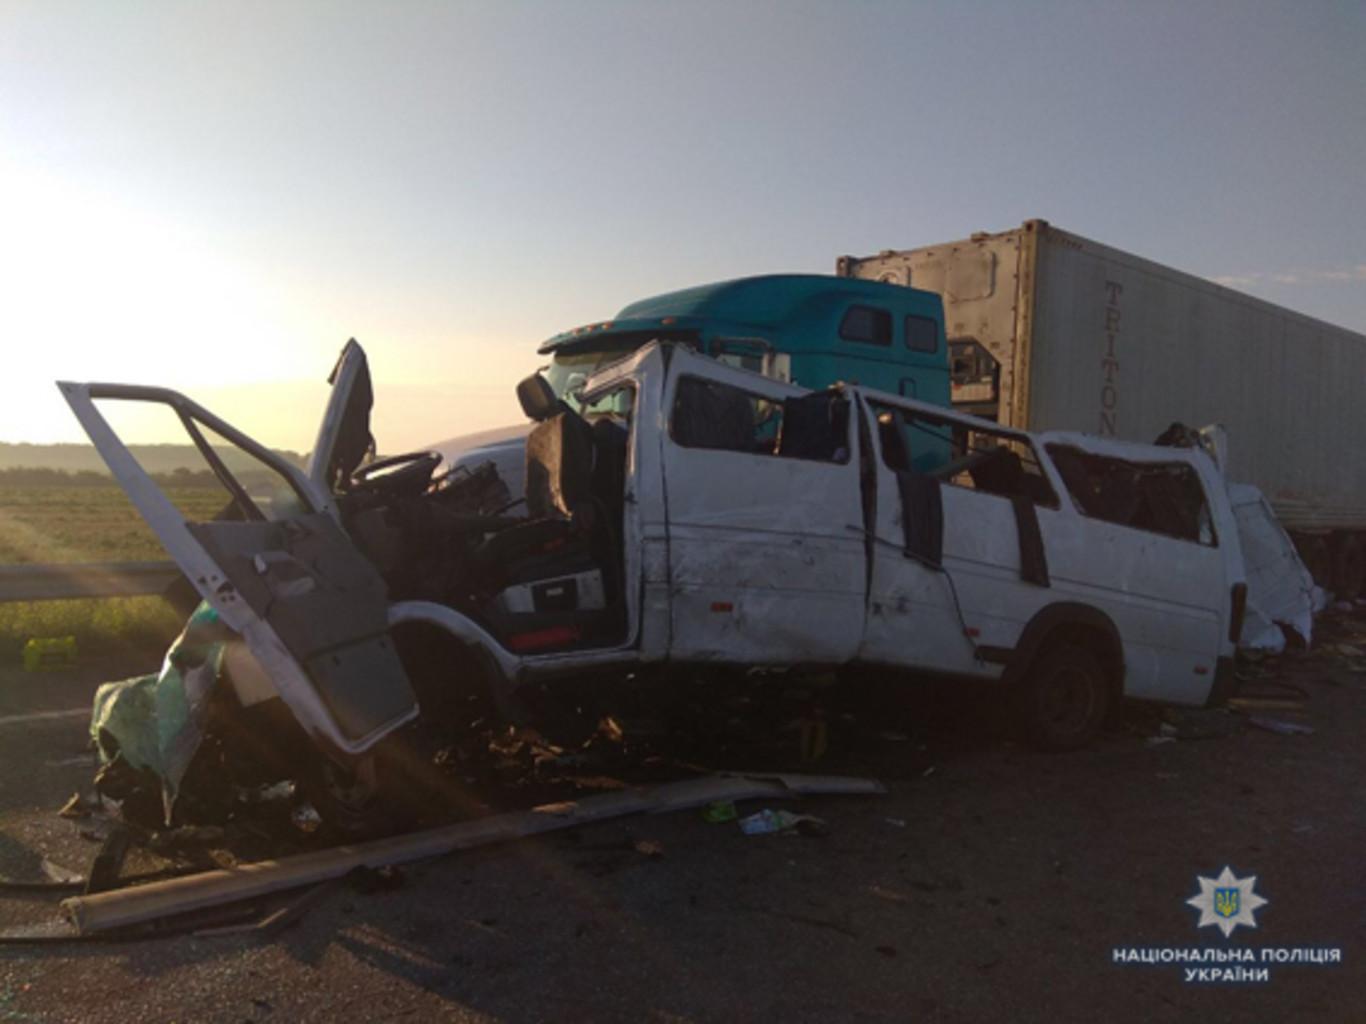 Жуткое ДТП наНиколаевщине: маршрутка протаранила грузовой автомобиль, погибли пятеро